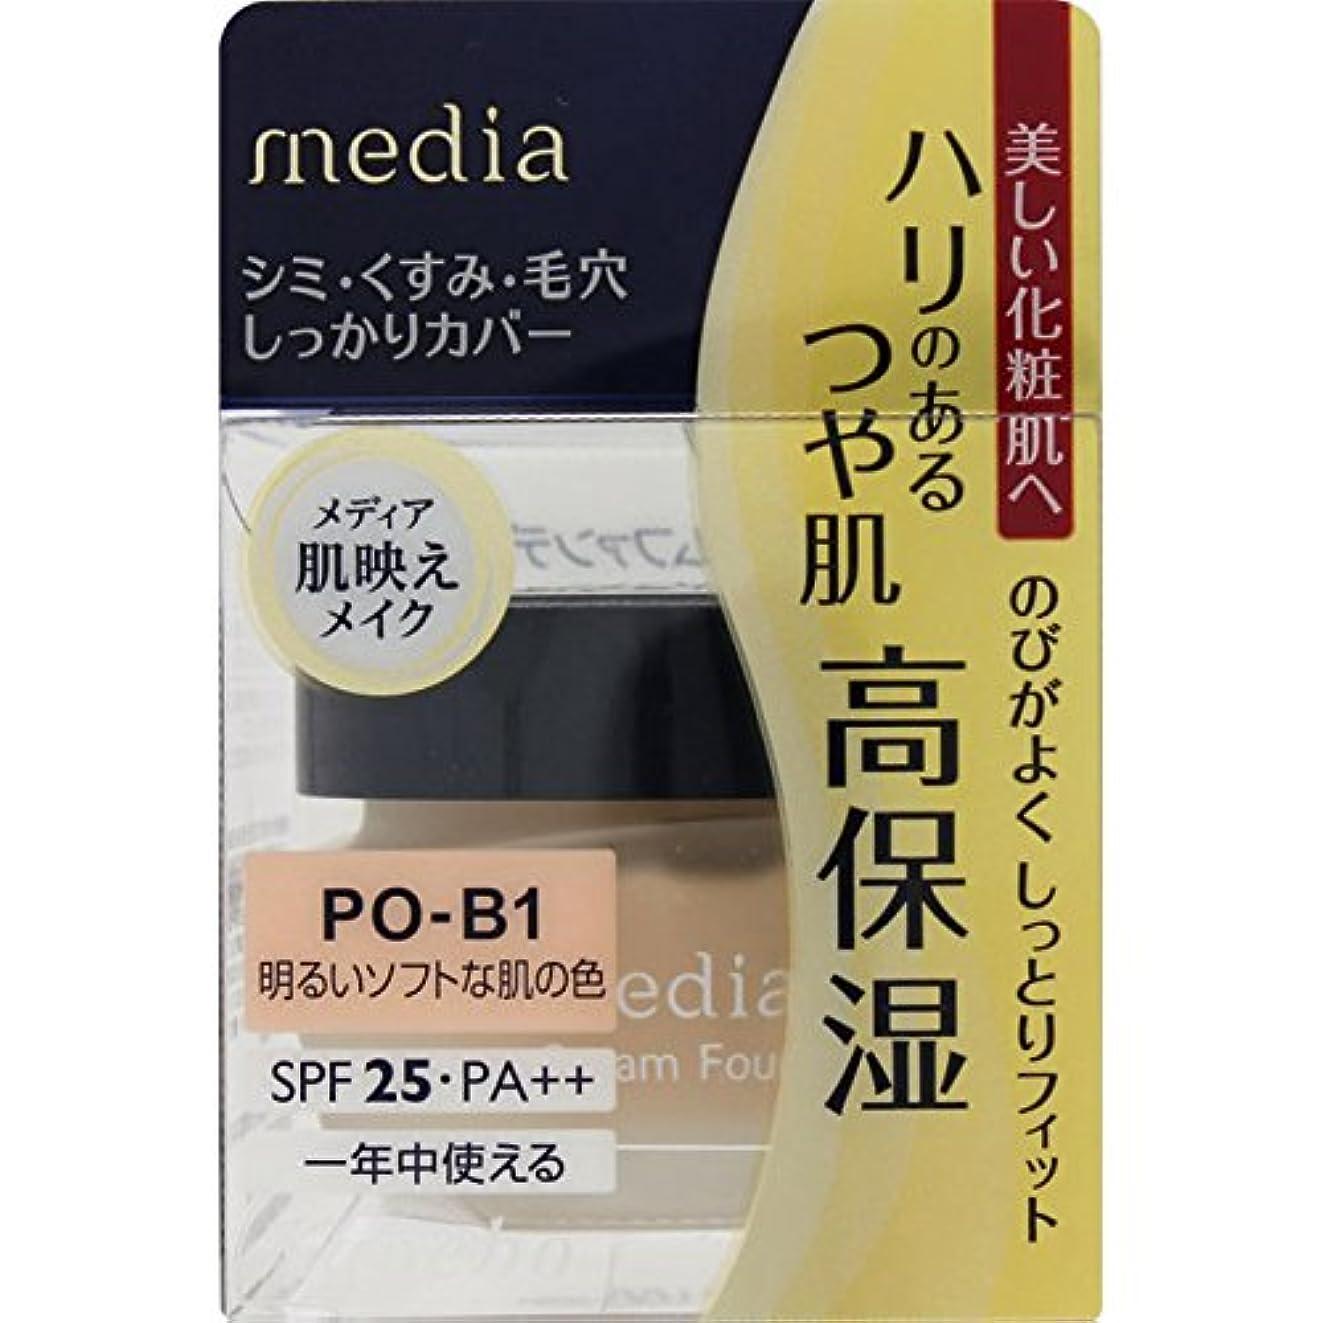 ペイント任意麻痺させるカネボウ化粧品 メディア クリームファンデーション 明るいソフトな肌の色 POーB1